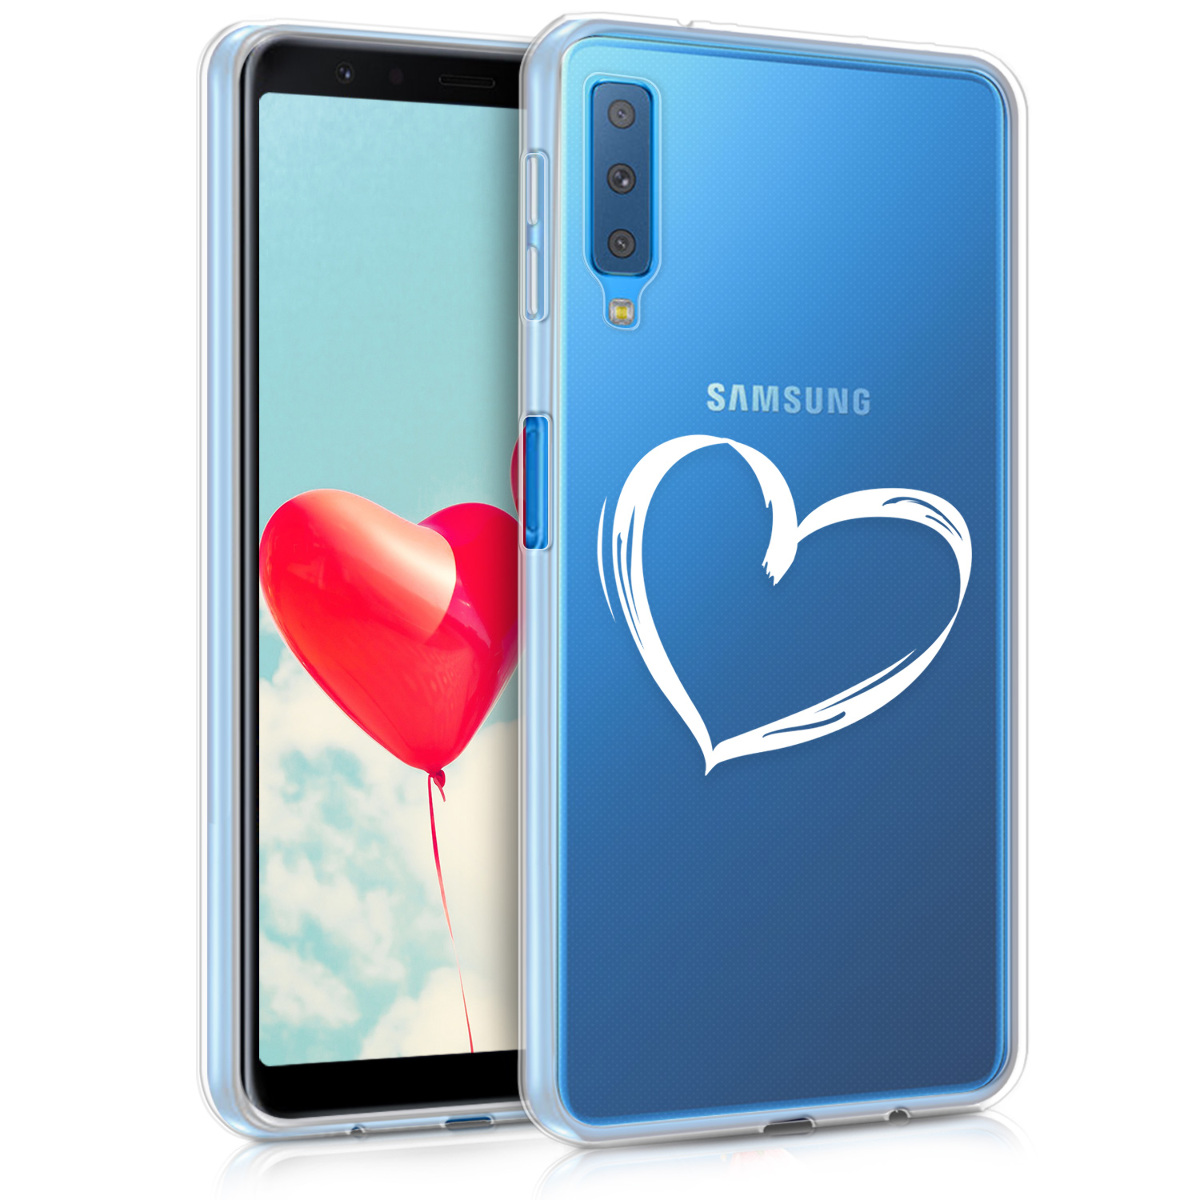 KW Διάφανη Θήκη Σιλικόνης Samsung Galaxy A7 2018 - Heart Design (46430.05)